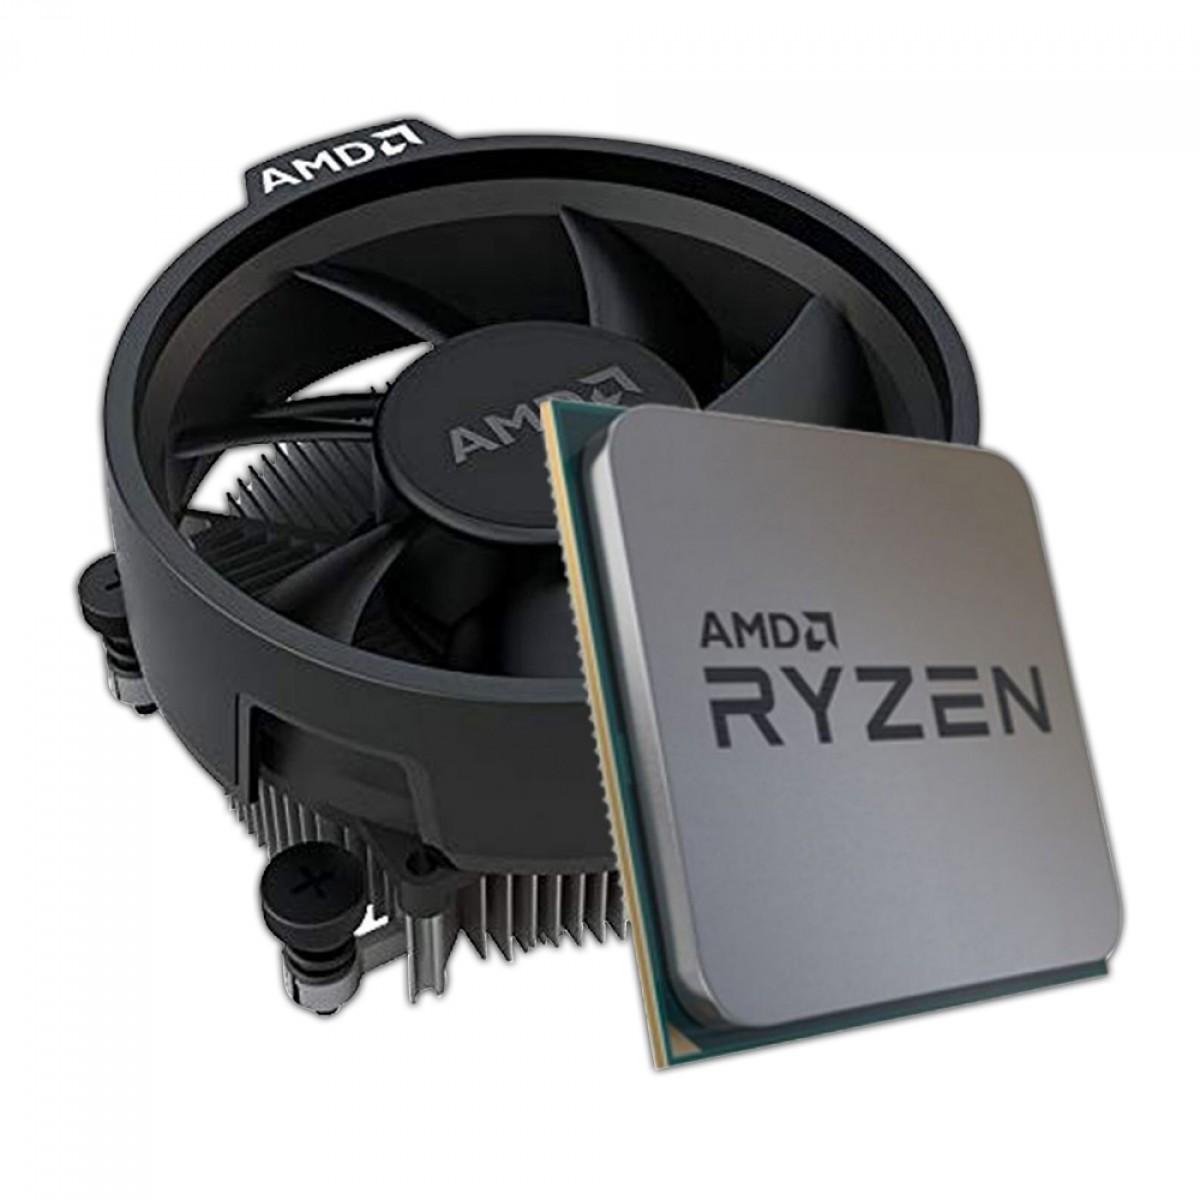 Kit Upgrade Asrock B450M Steel Legend + AMD Ryzen 3 3300X 3.8GHz